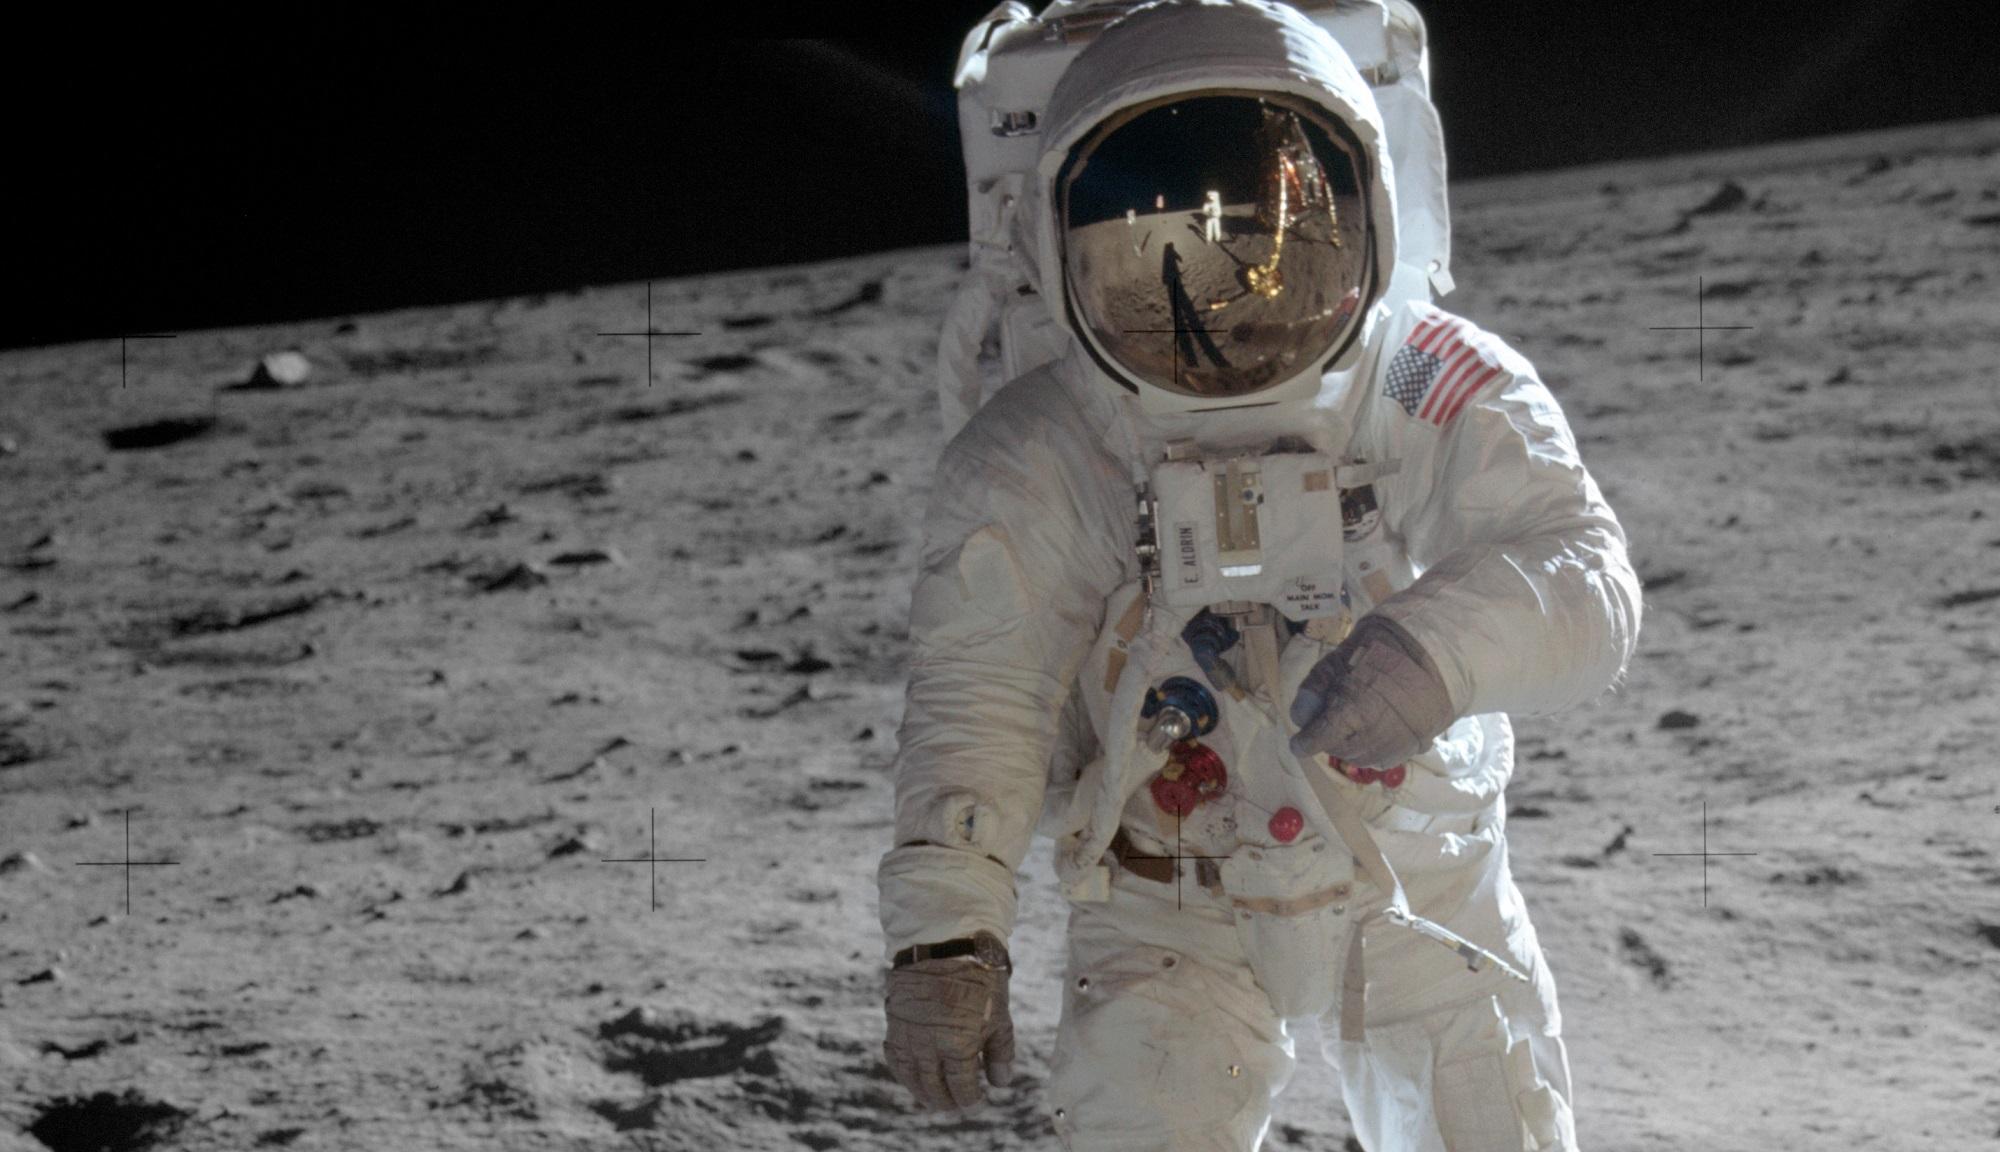 Buzz Aldrin, fotografado por Neil Armstrong, visível no reflexo no visor. Os dois primeiros homens na Lua.